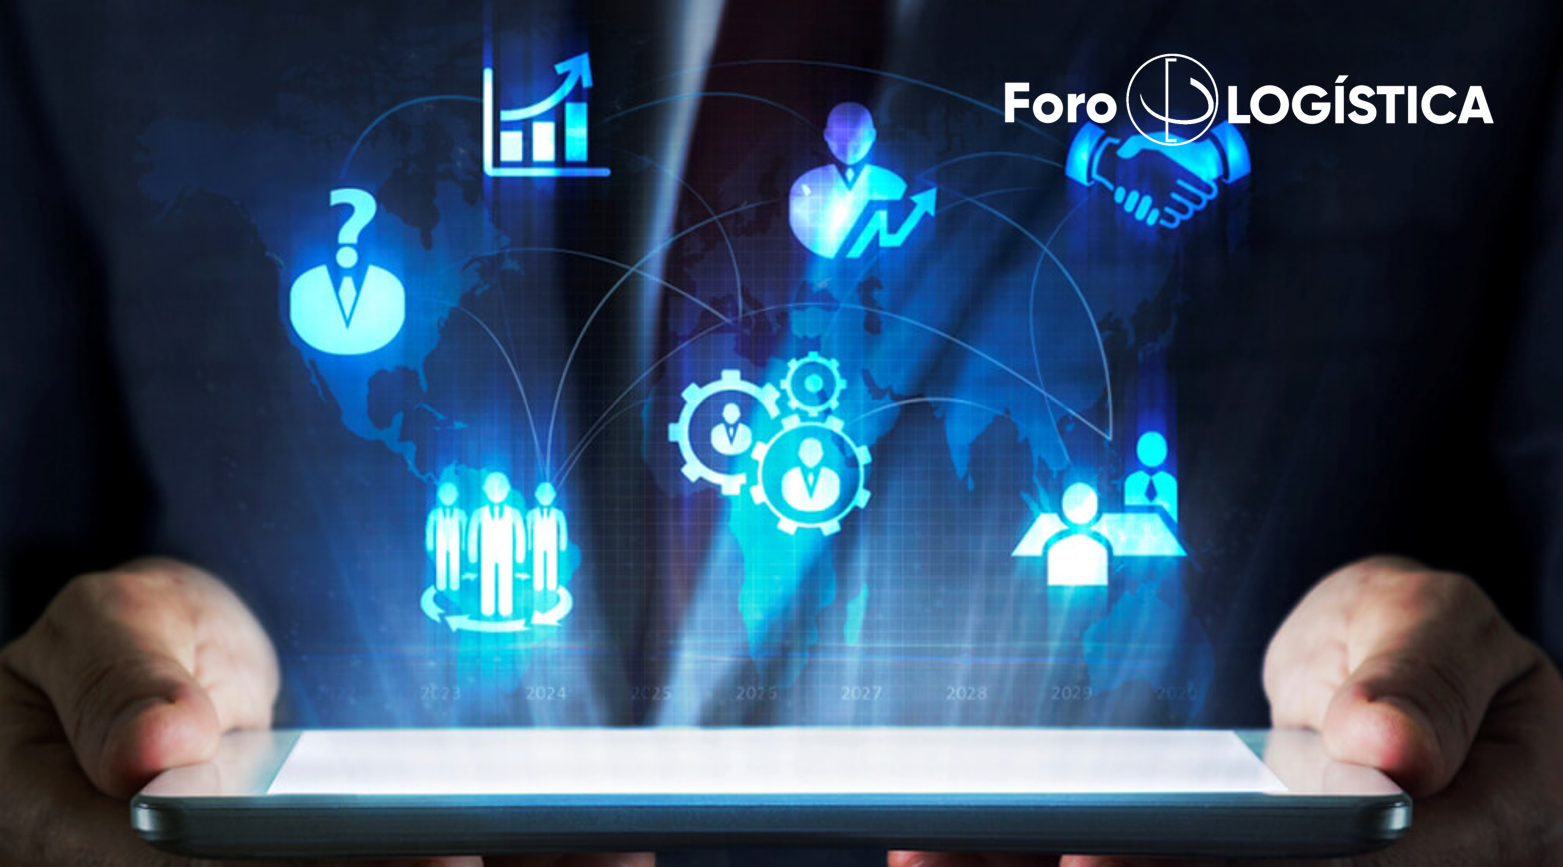 Rompiendo fronteras, la colaboración digital en la cadena de valor.